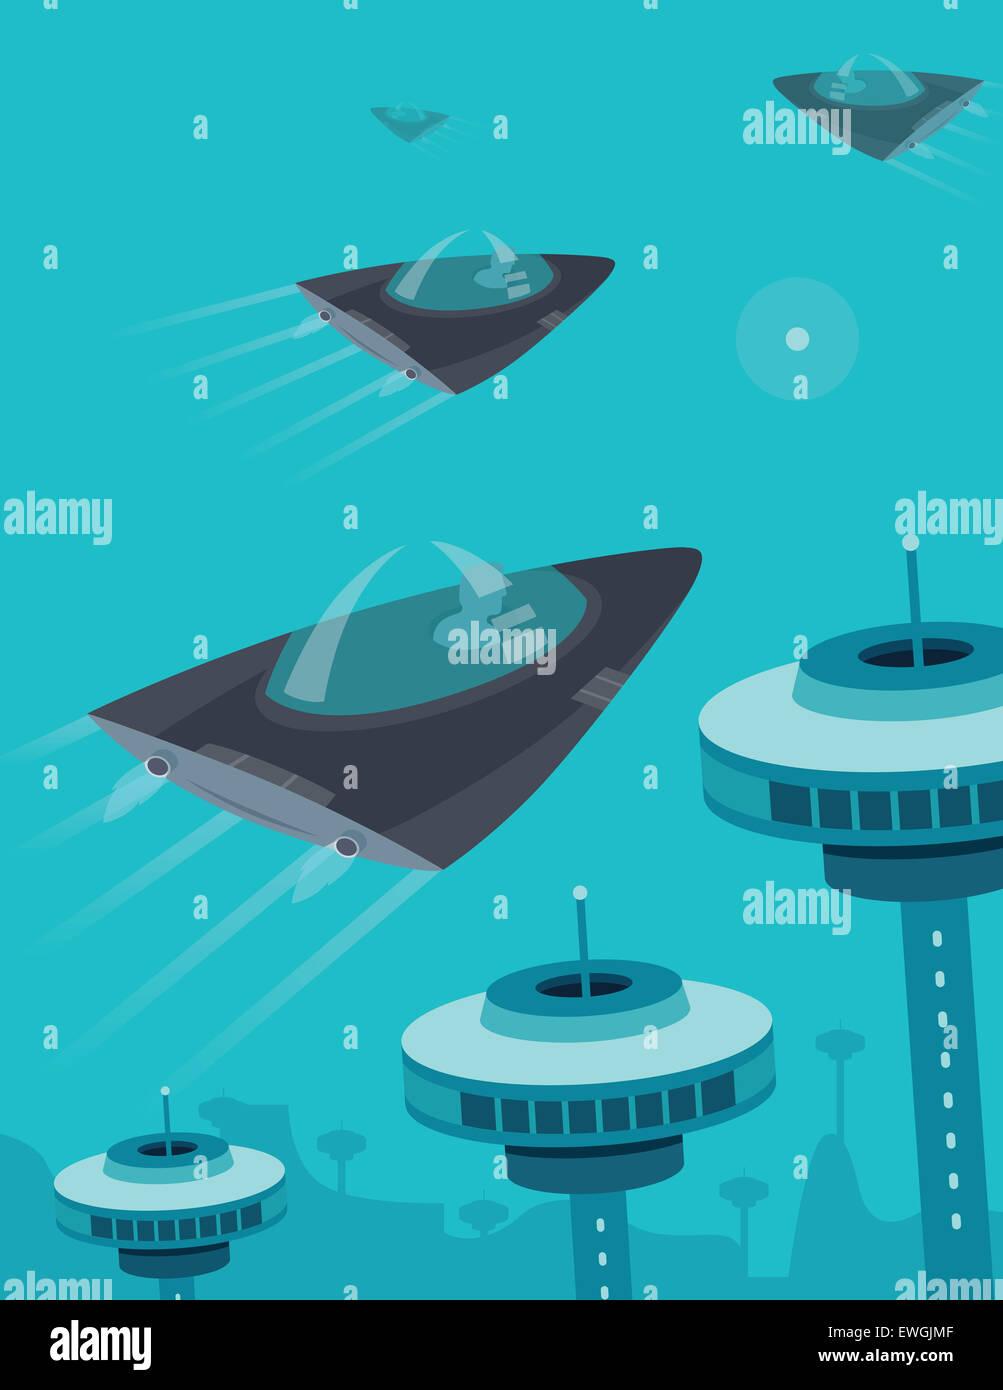 Raumschiff fliegen im Raum über Türmen Kommunikation Stockbild